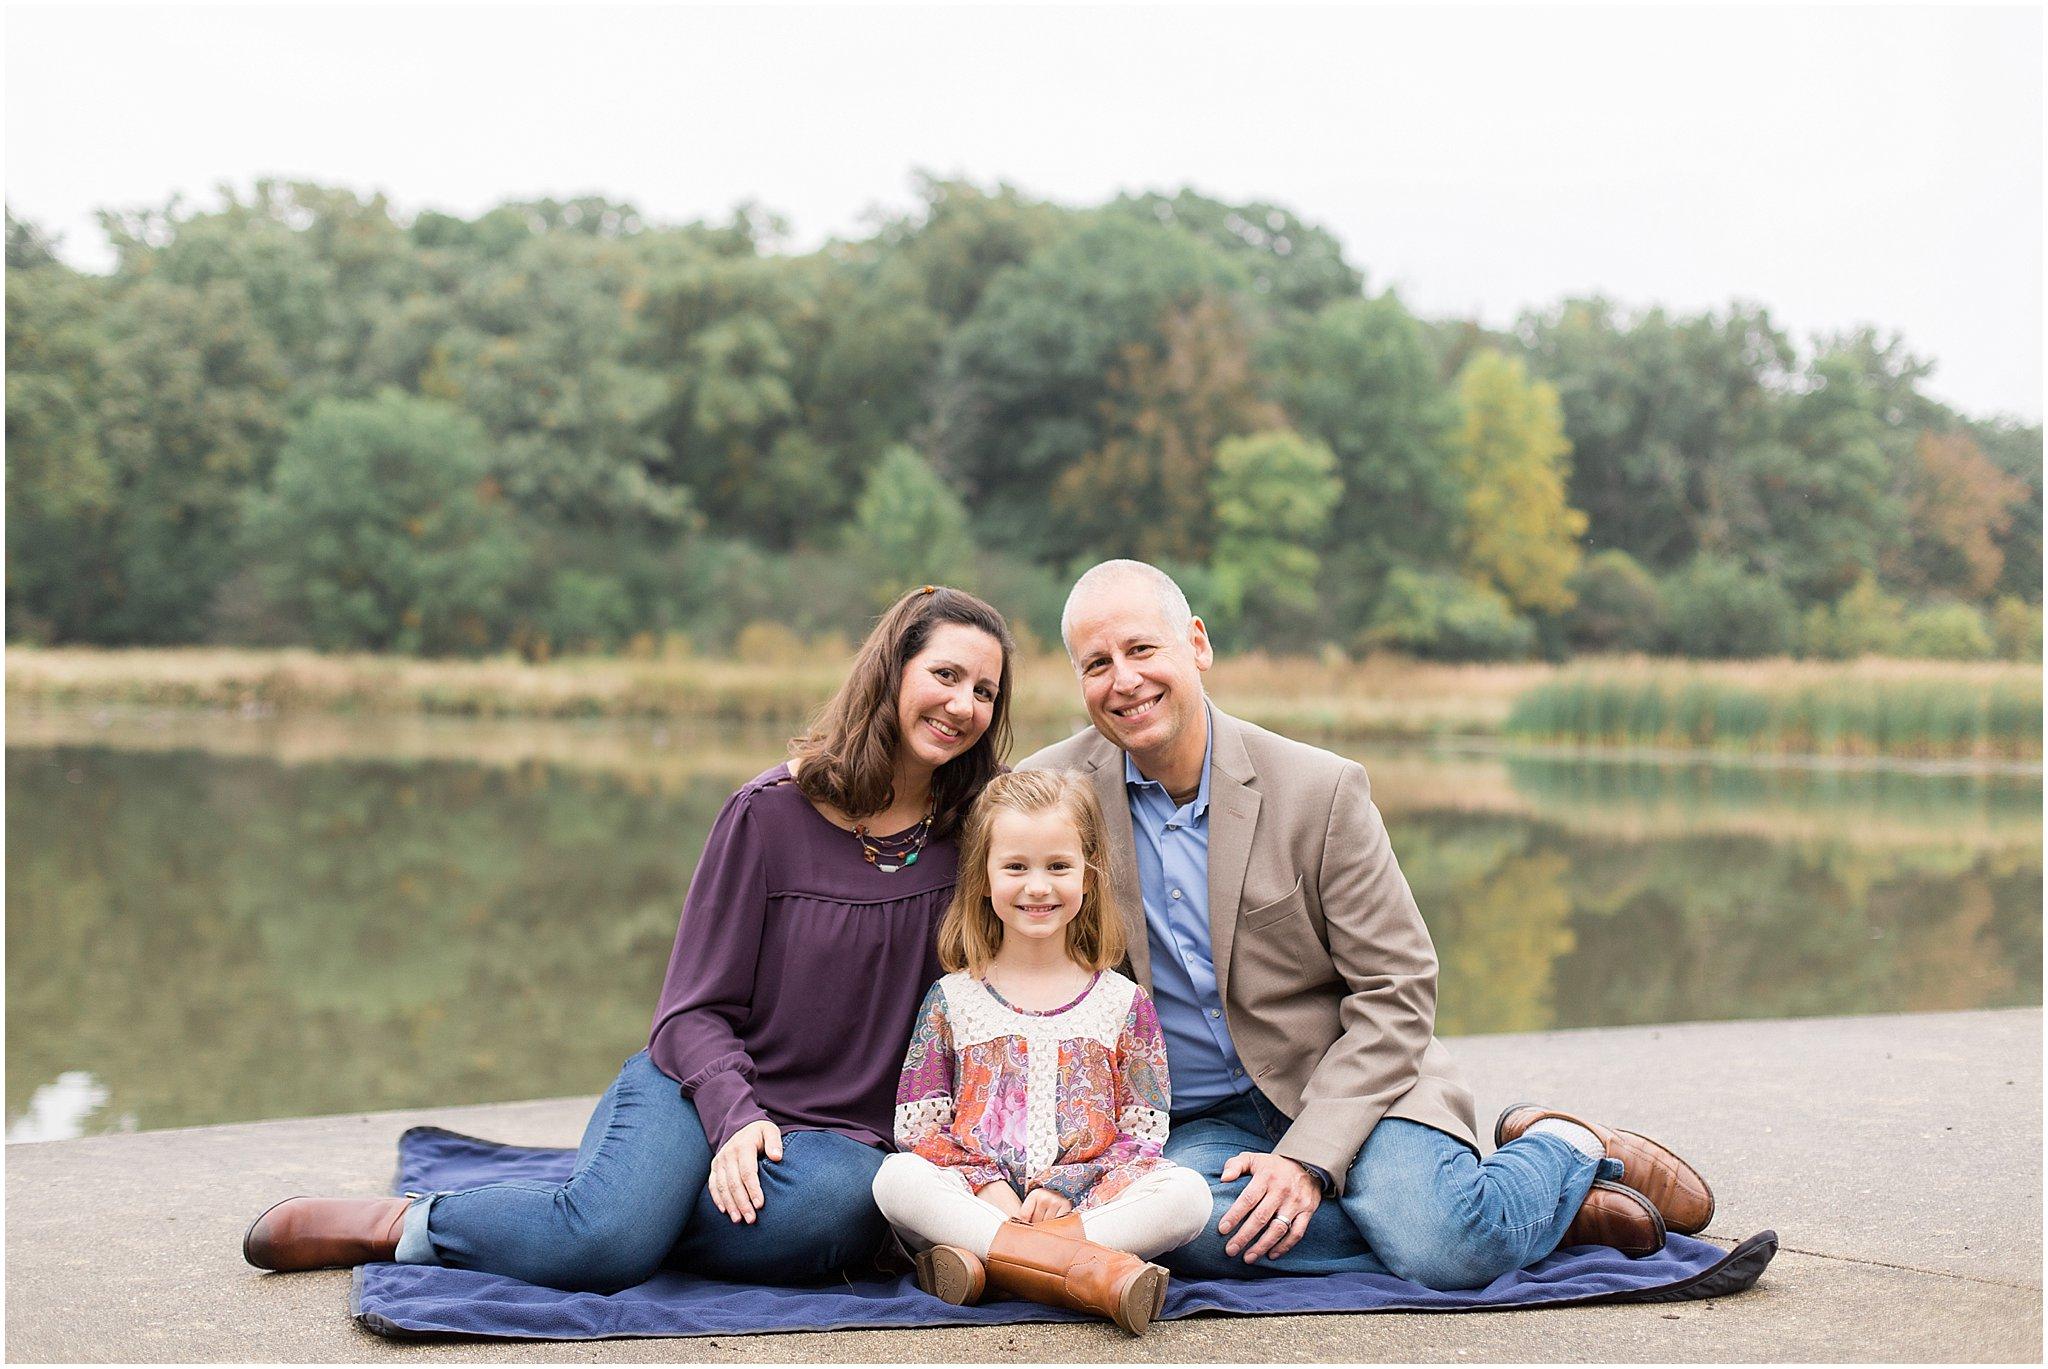 busse-woods-family-photographer_0013.jpg